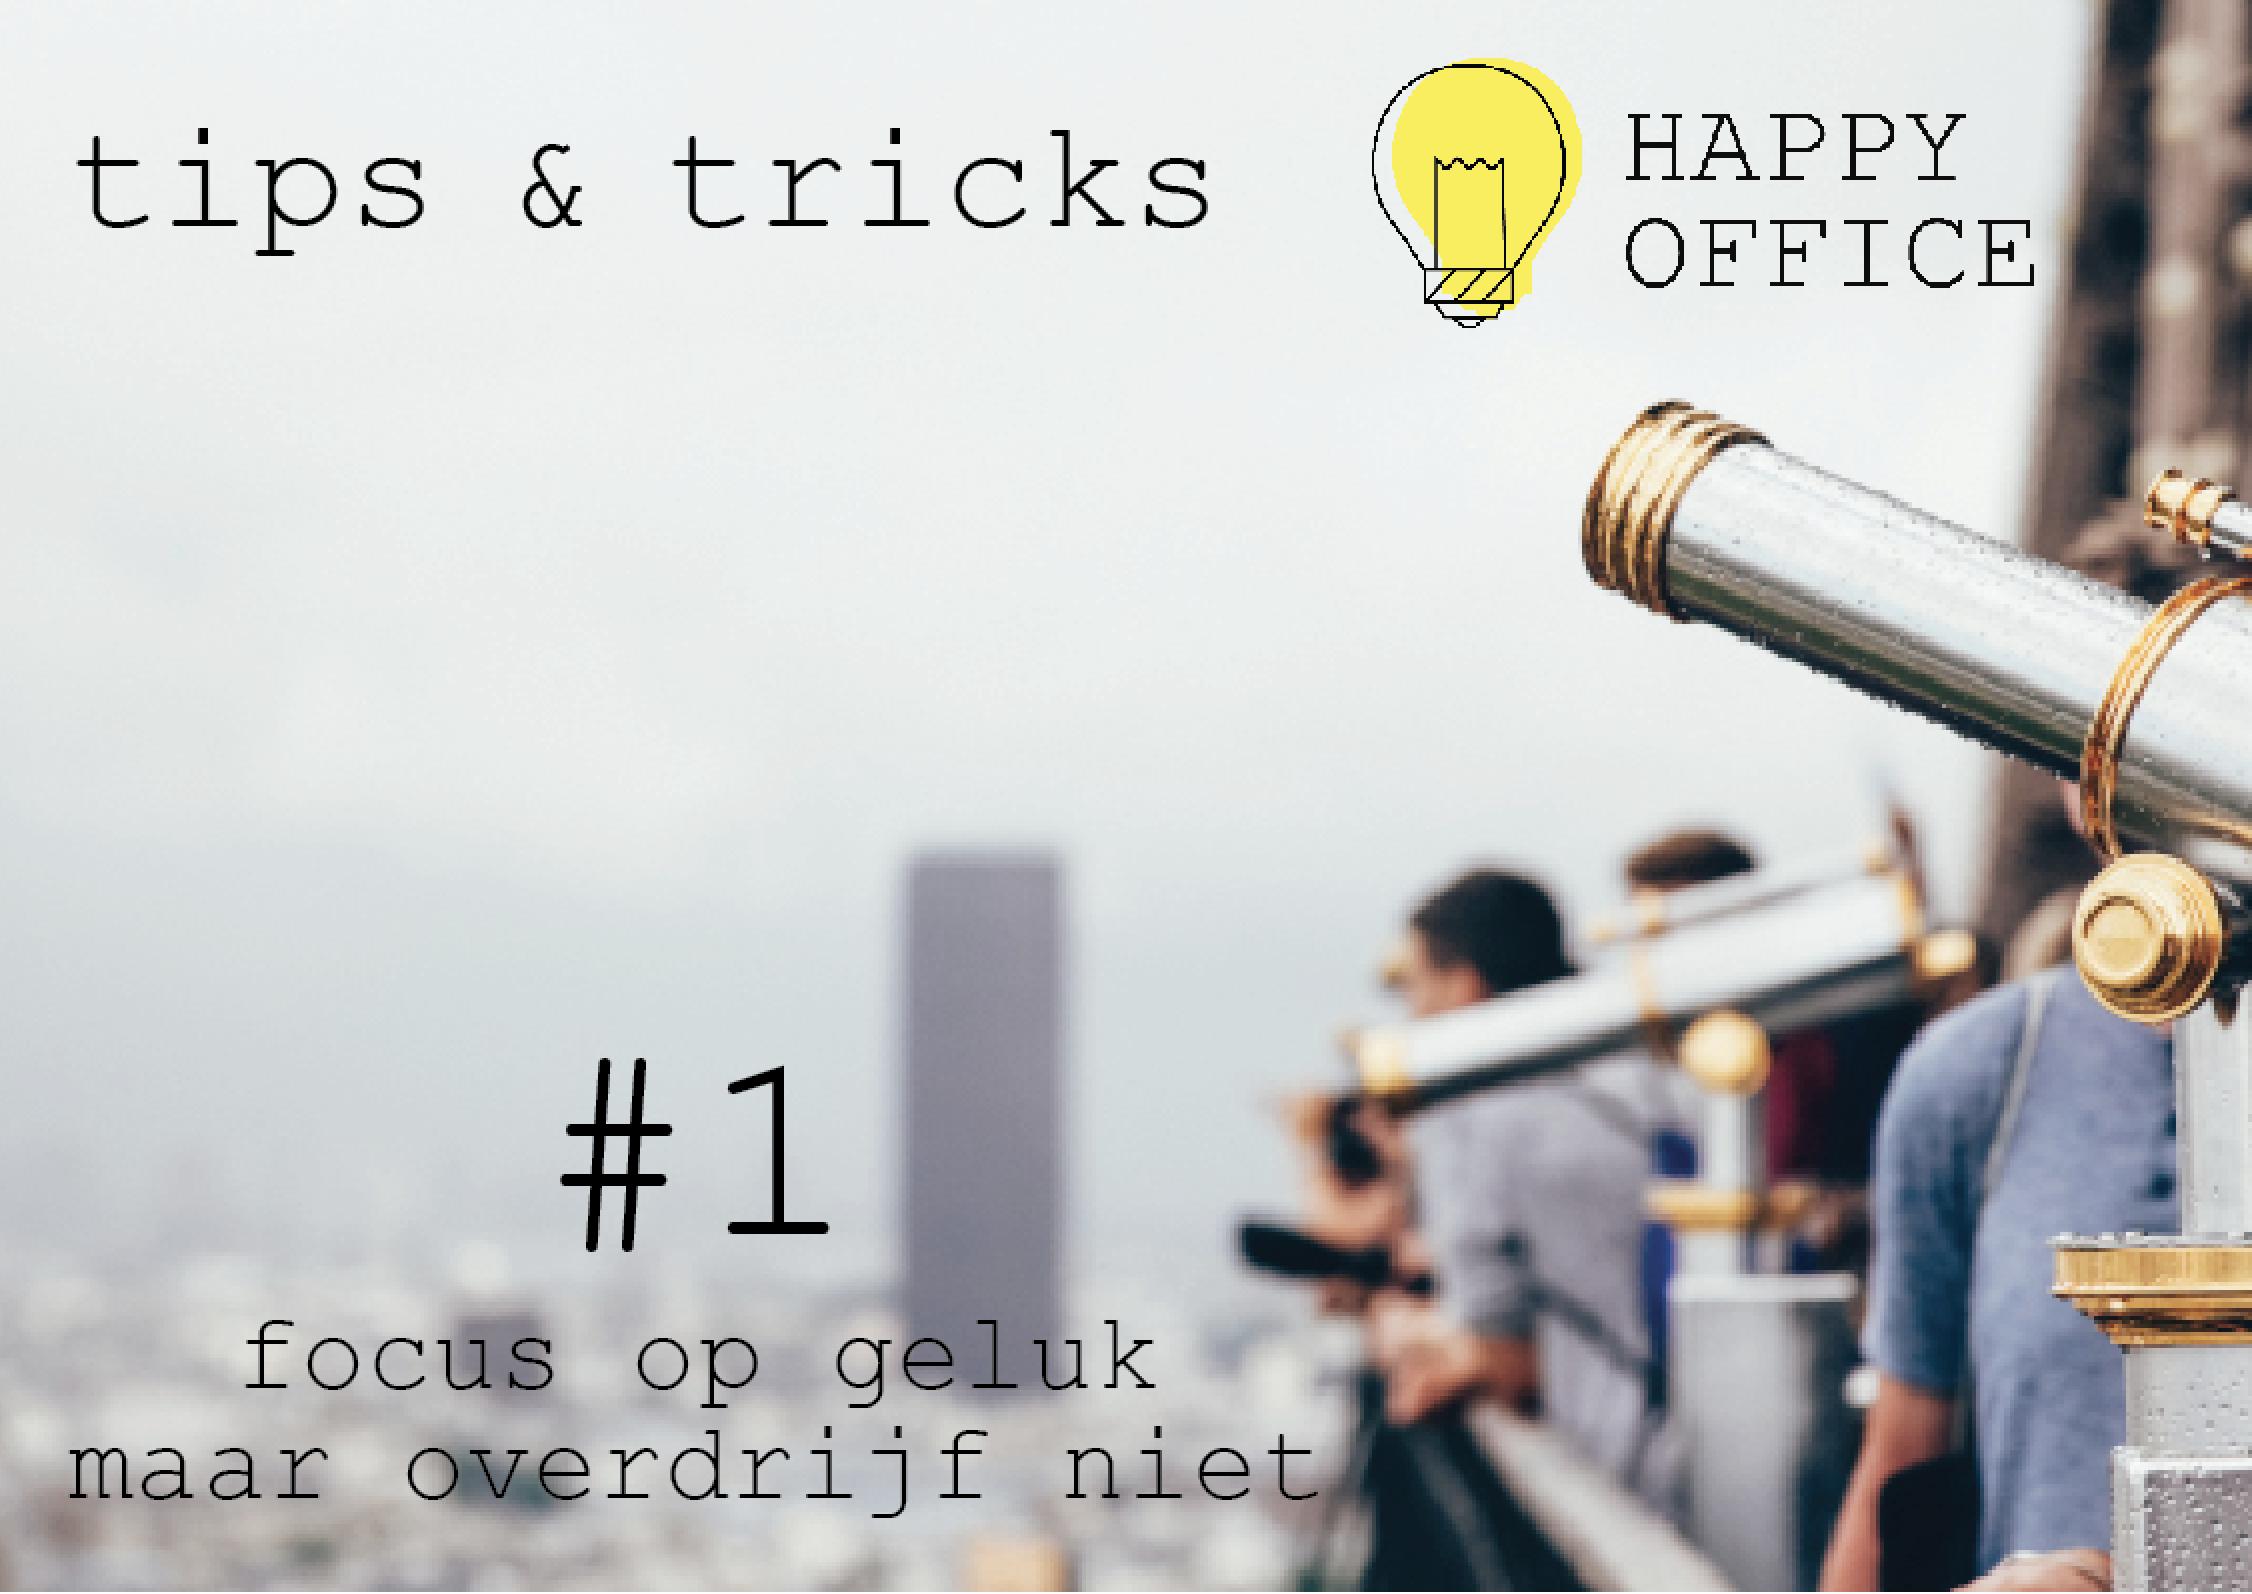 Tip #1: focus op geluk, maar overdrijf niet